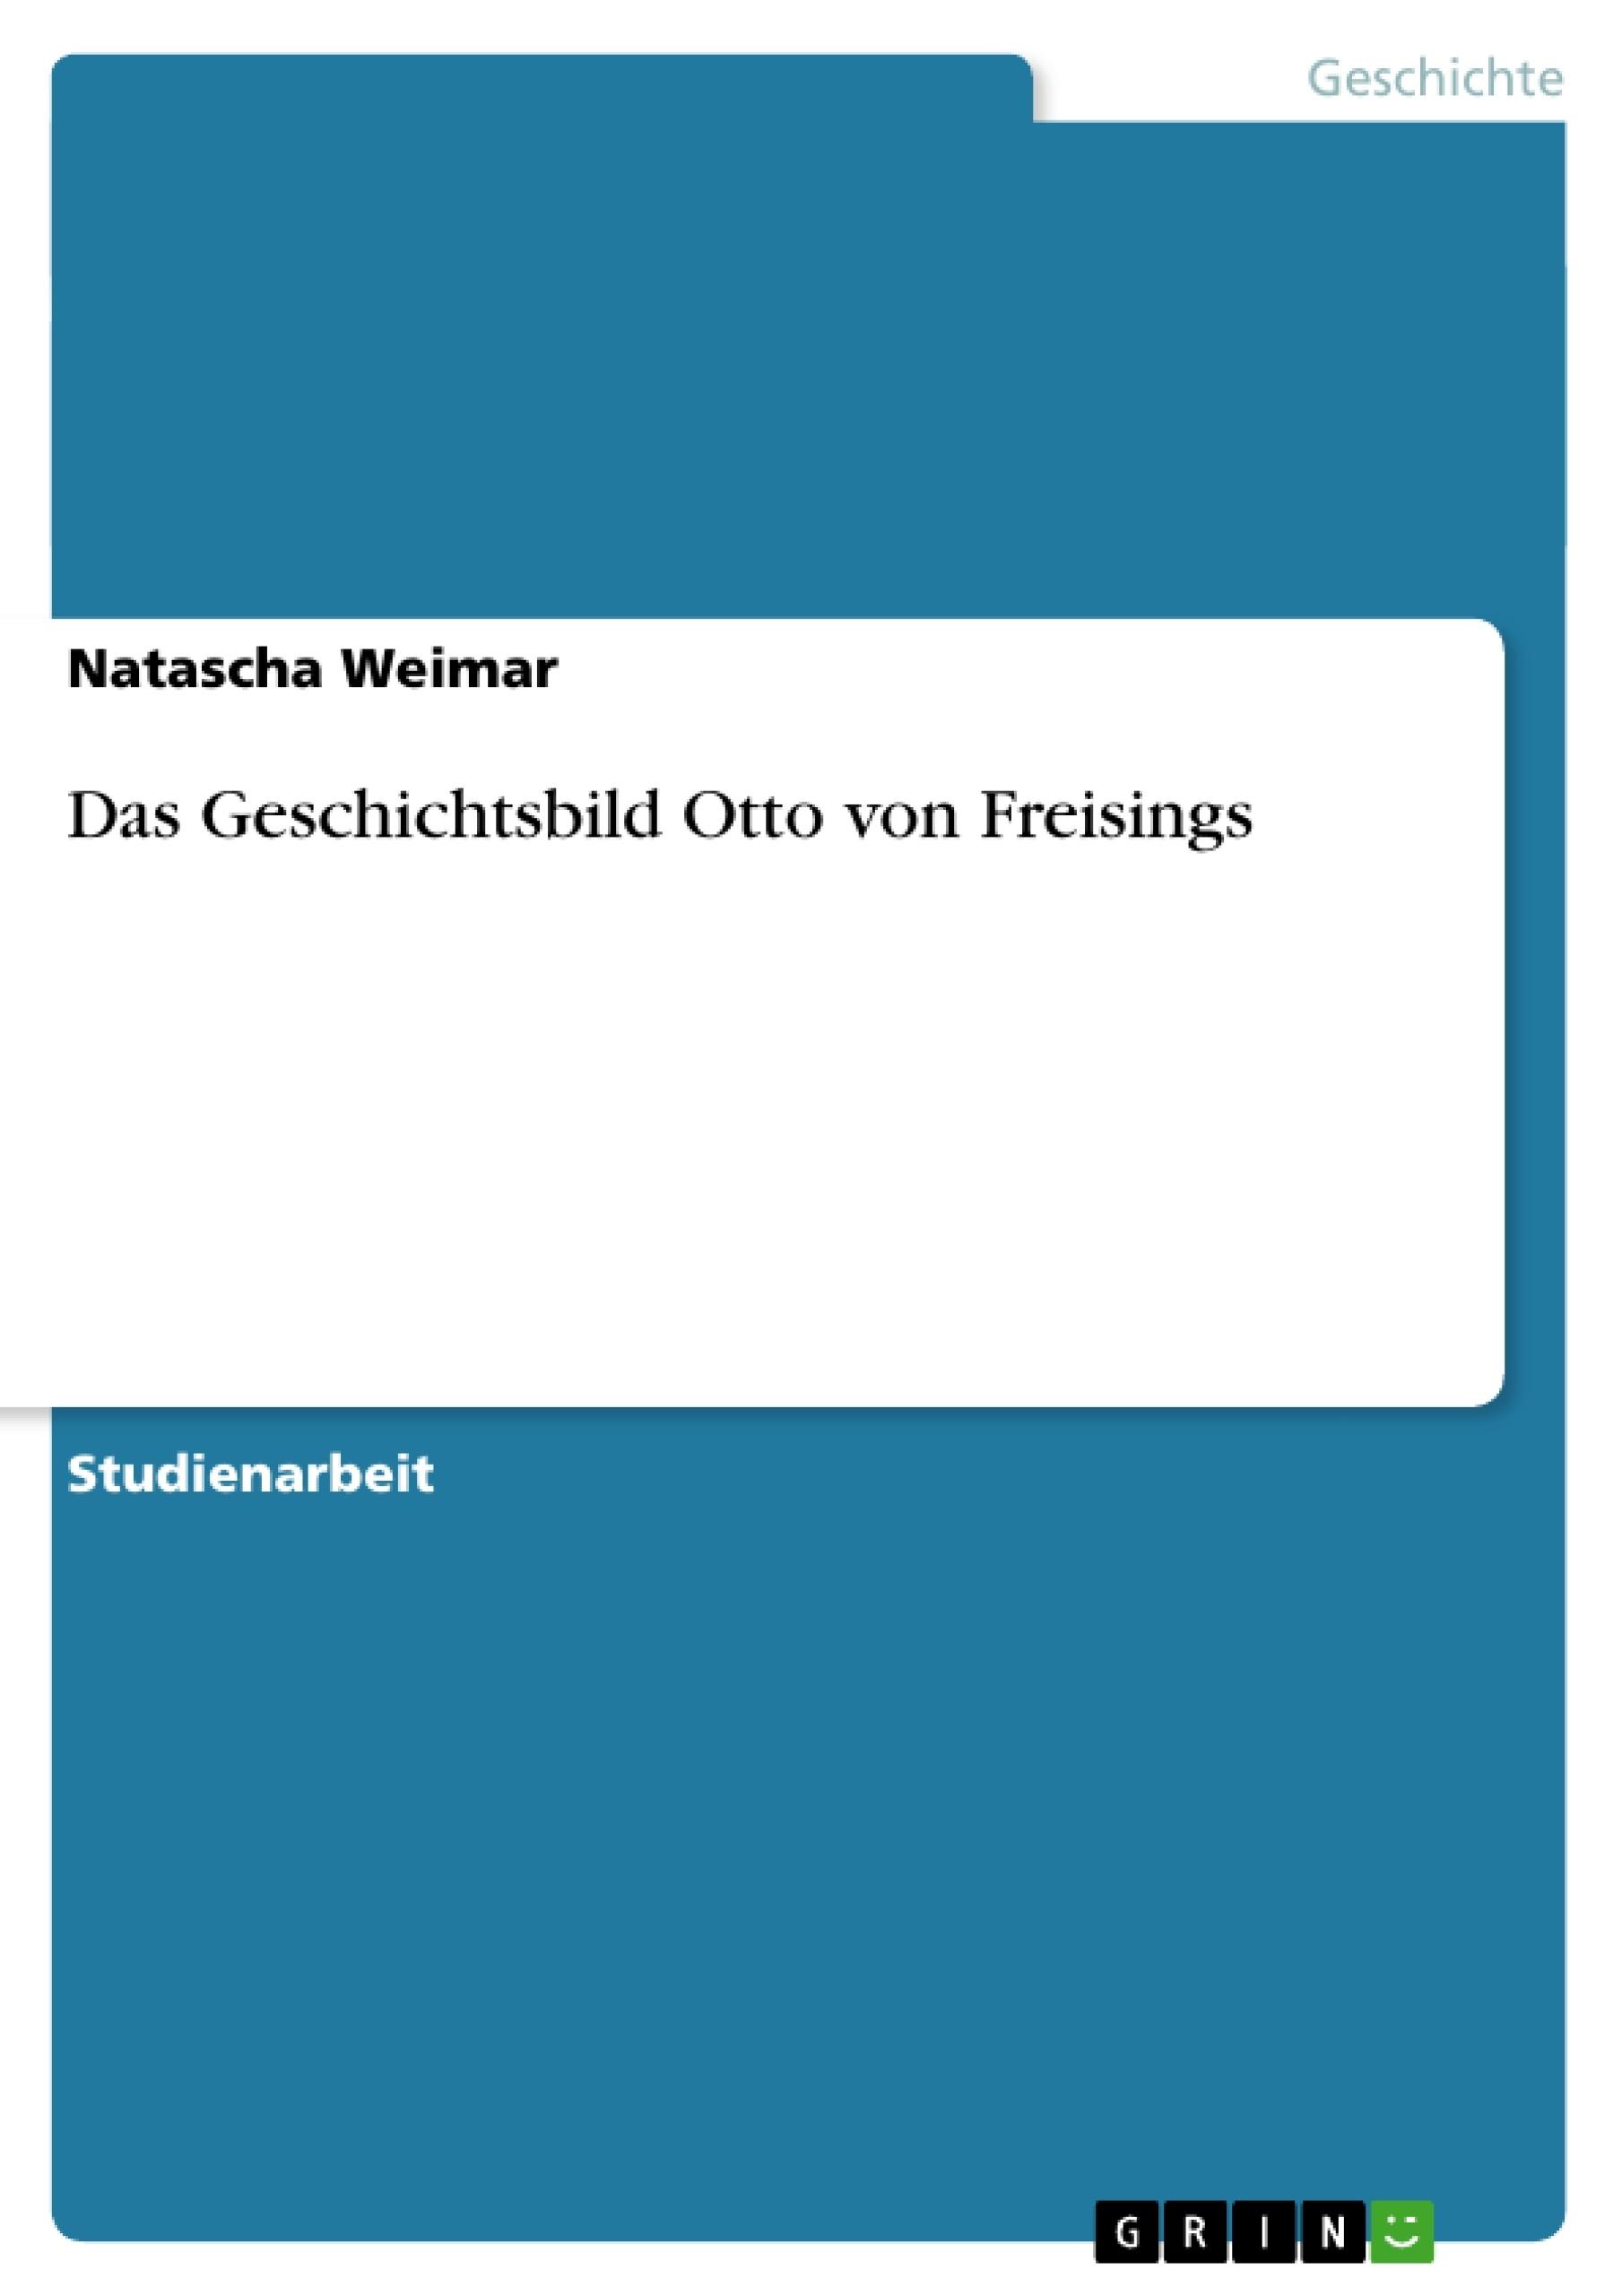 Titel: Das Geschichtsbild Otto von Freisings